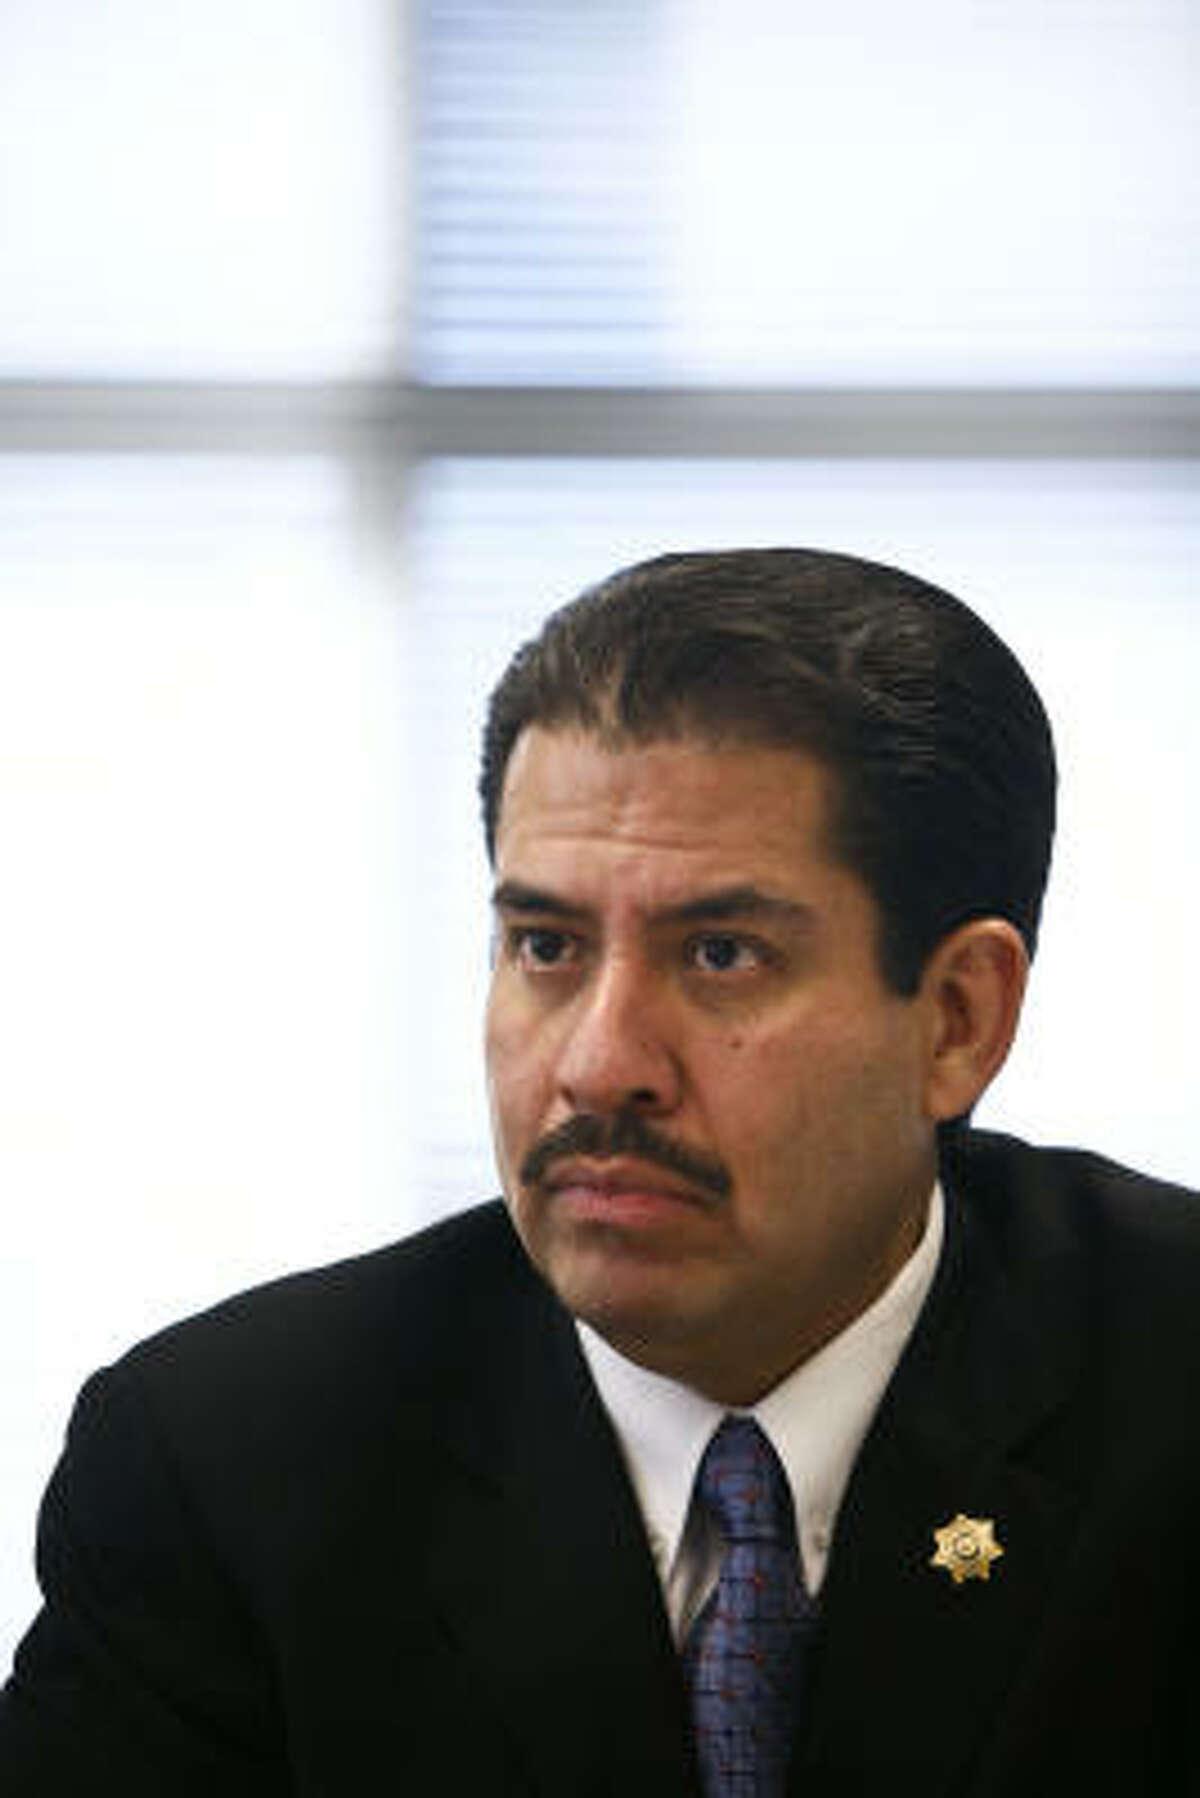 El ex concejal, que en estos momentos es el político hispano de mayor jerarquía en el condado, ha entrado pisando fuerte, con el establecimiento de unas metas ambiciosas y un presupuesto limitado.